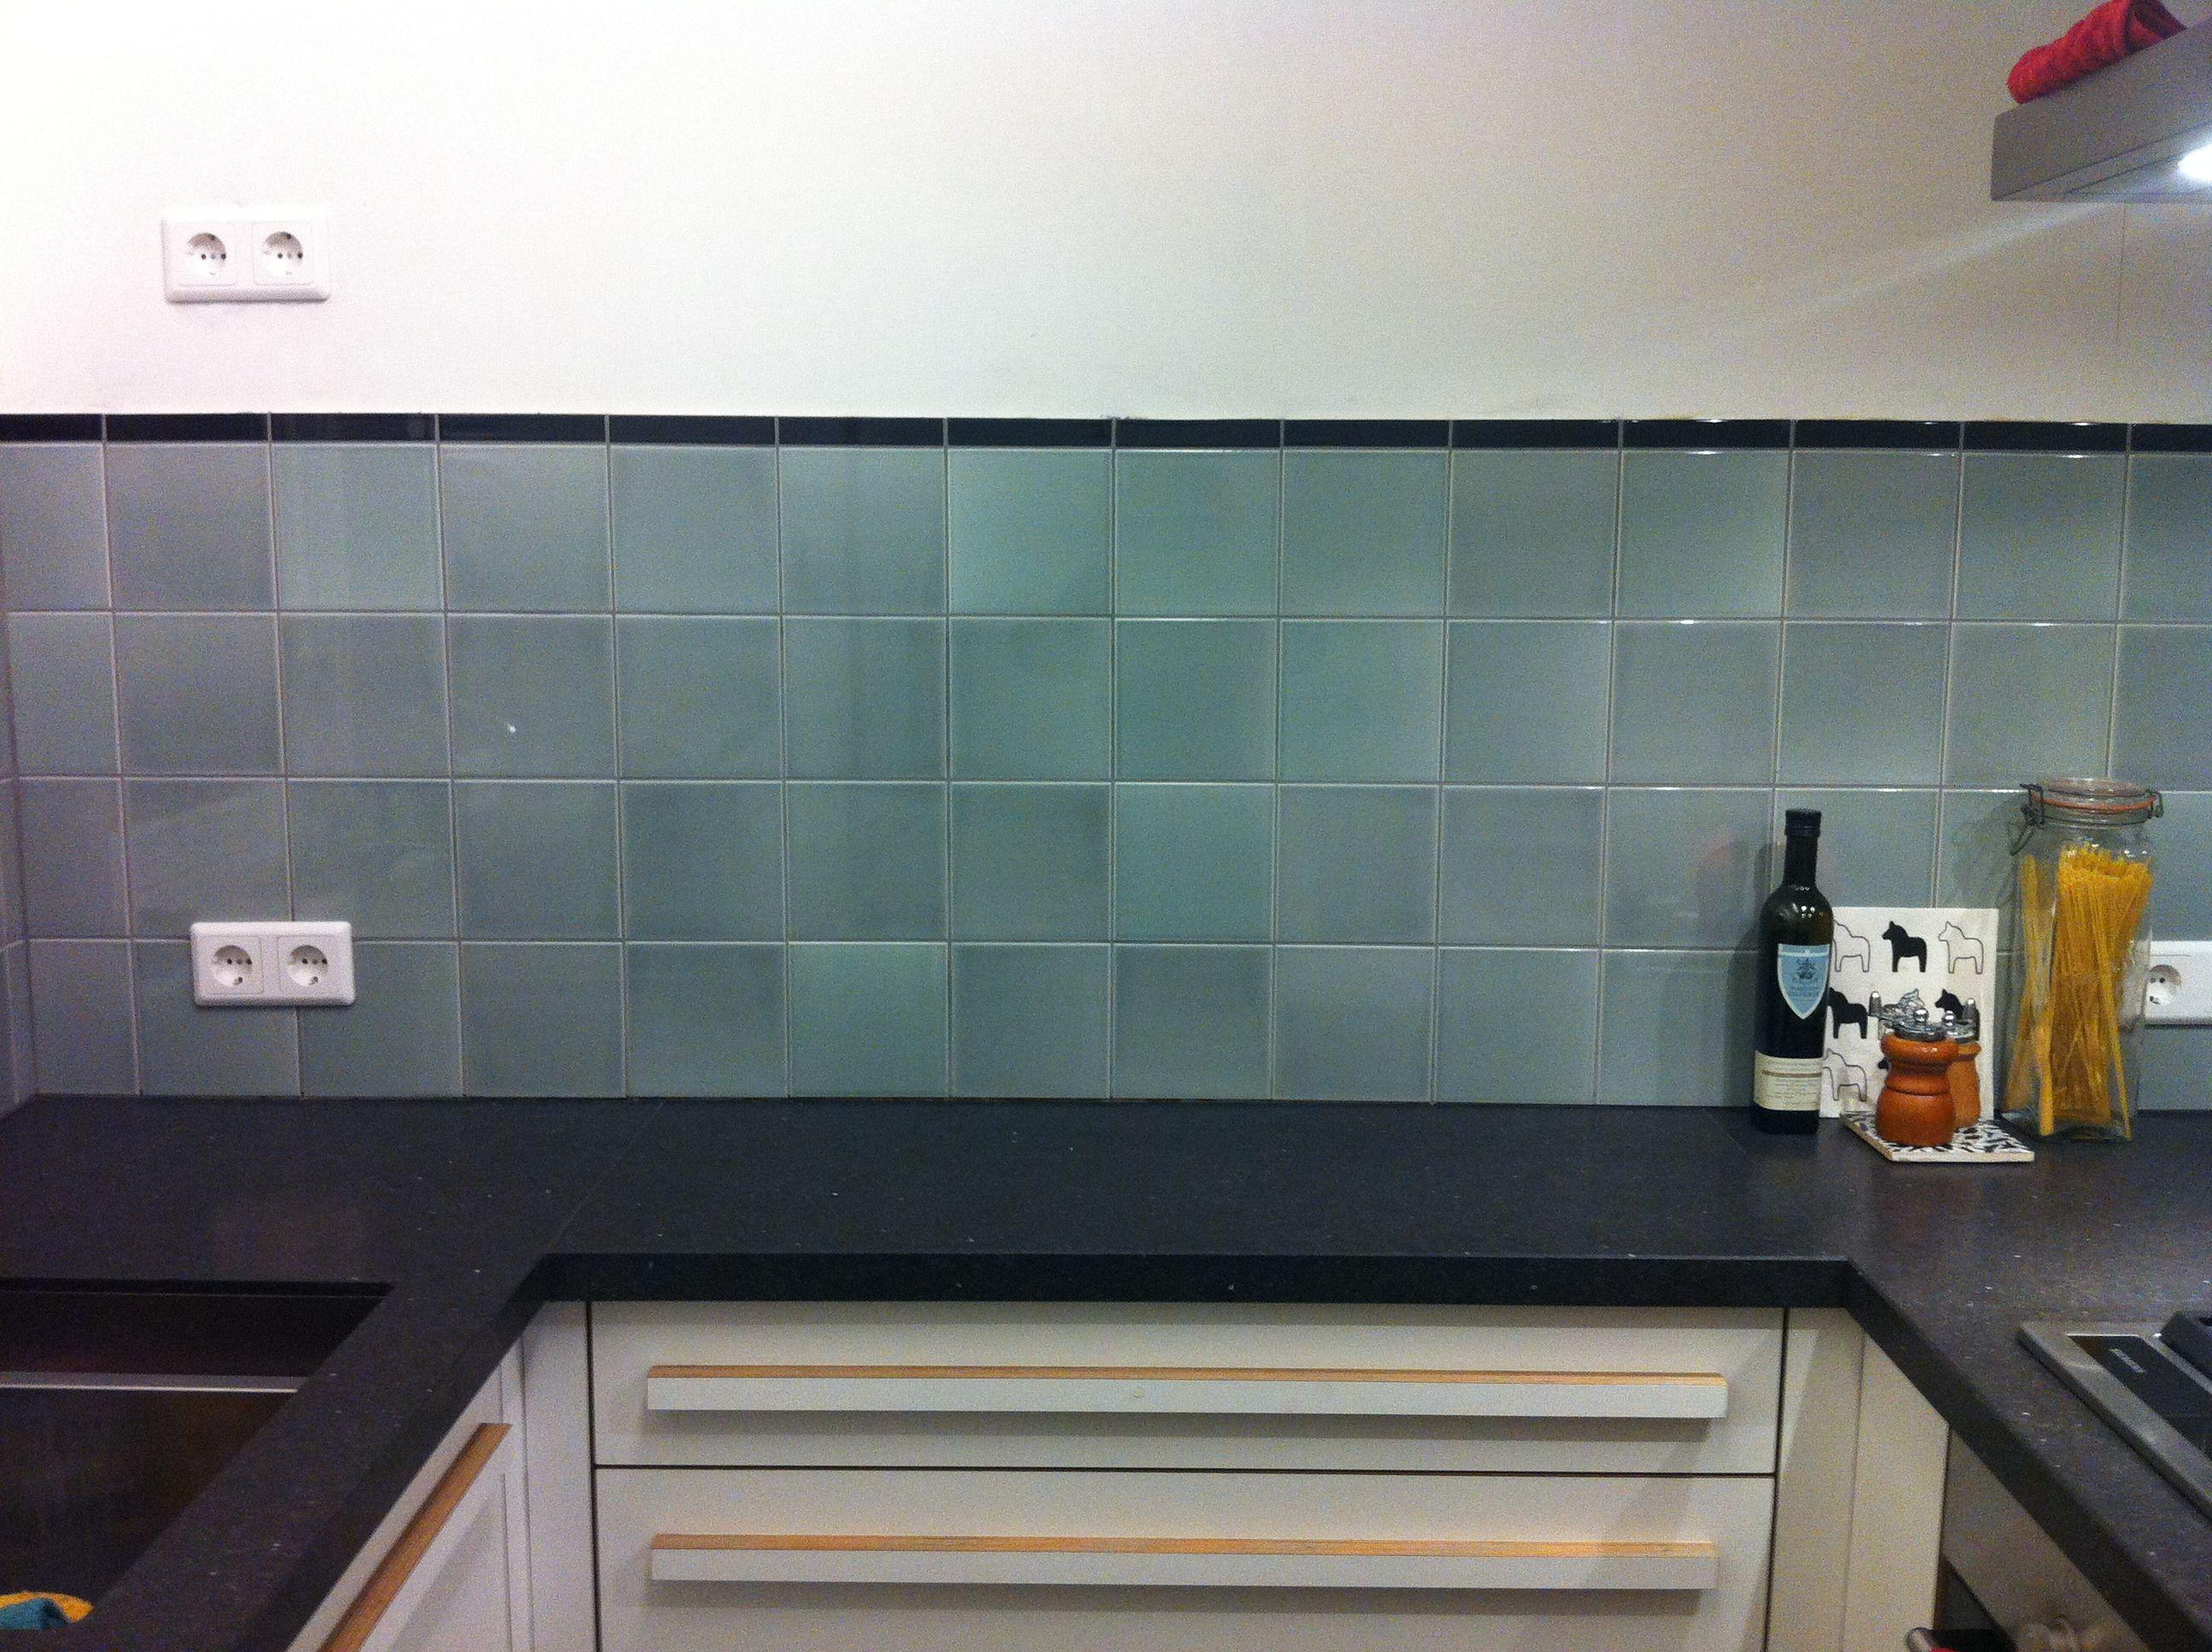 Keuken Tegels Mozaiek : Wandtegels piet zwart keuken tinglazuur mooie nuances